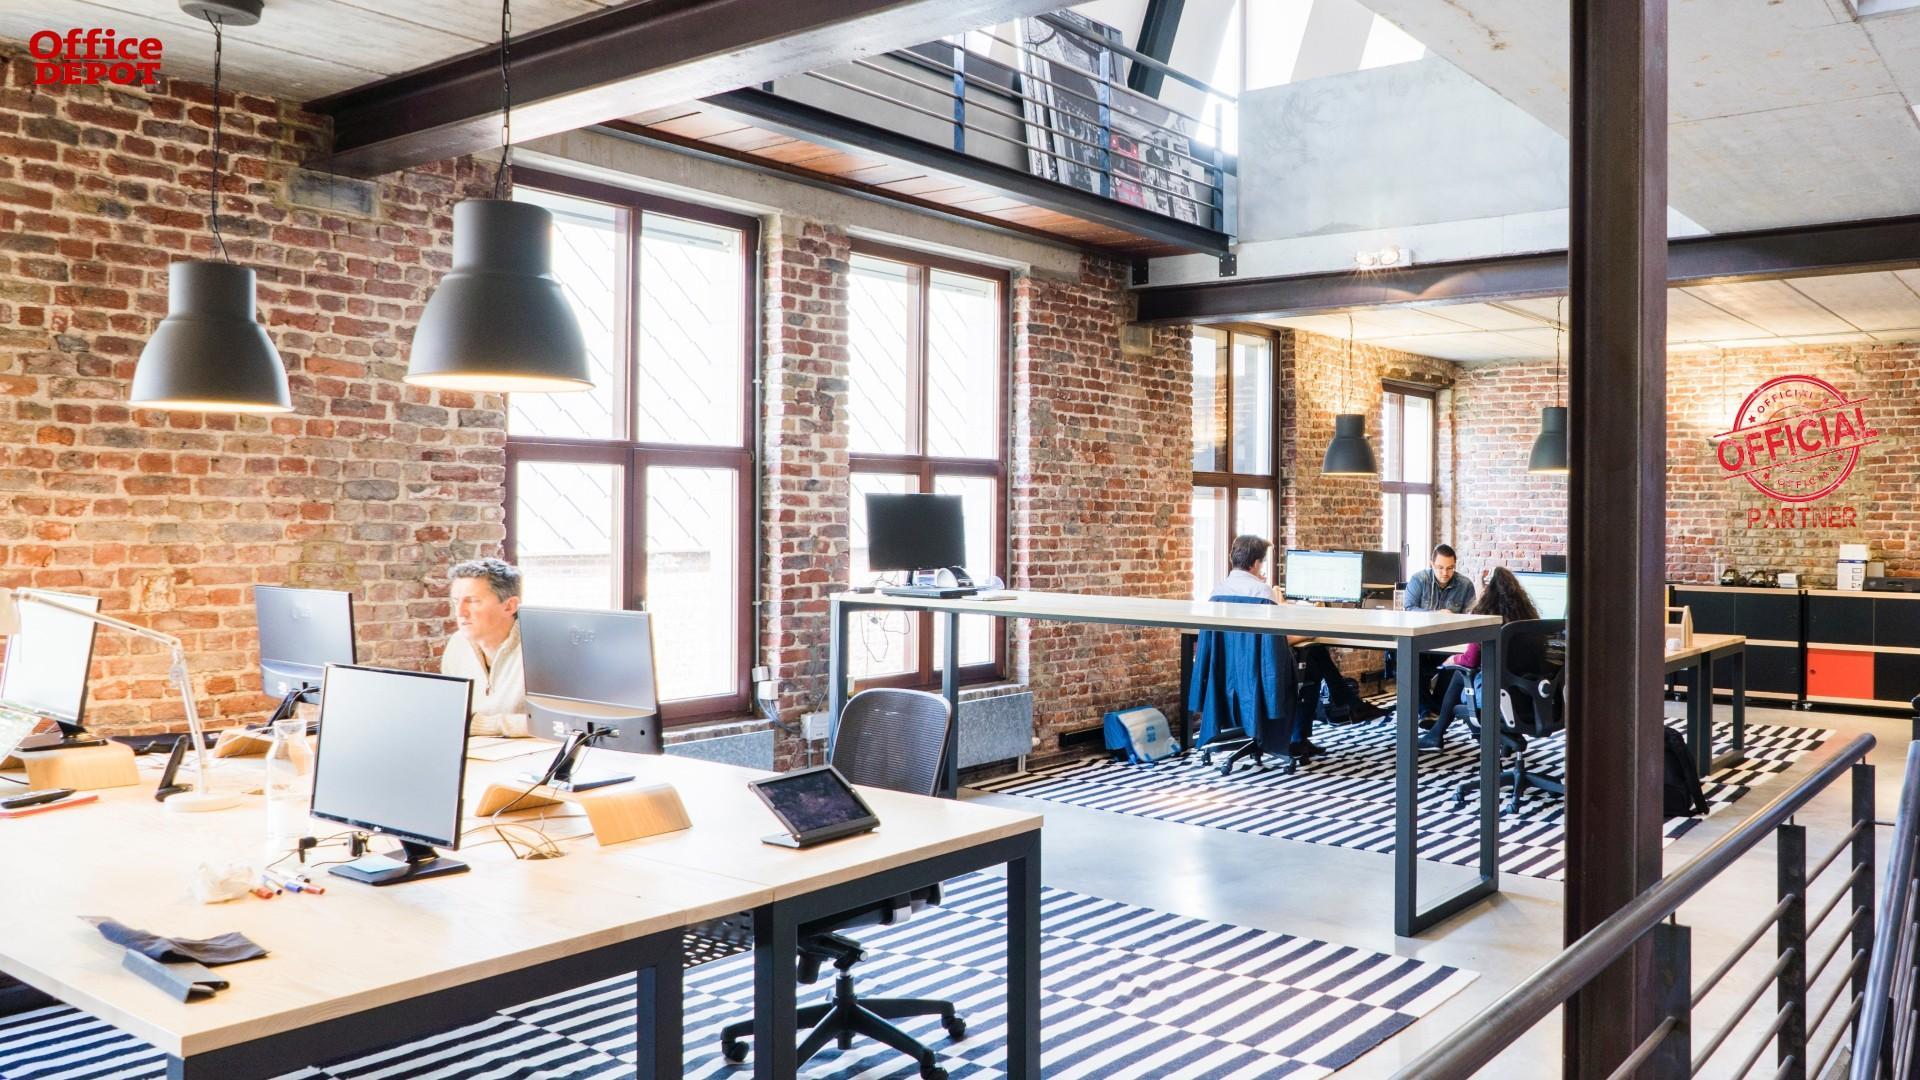 Office-depot-pääkuva